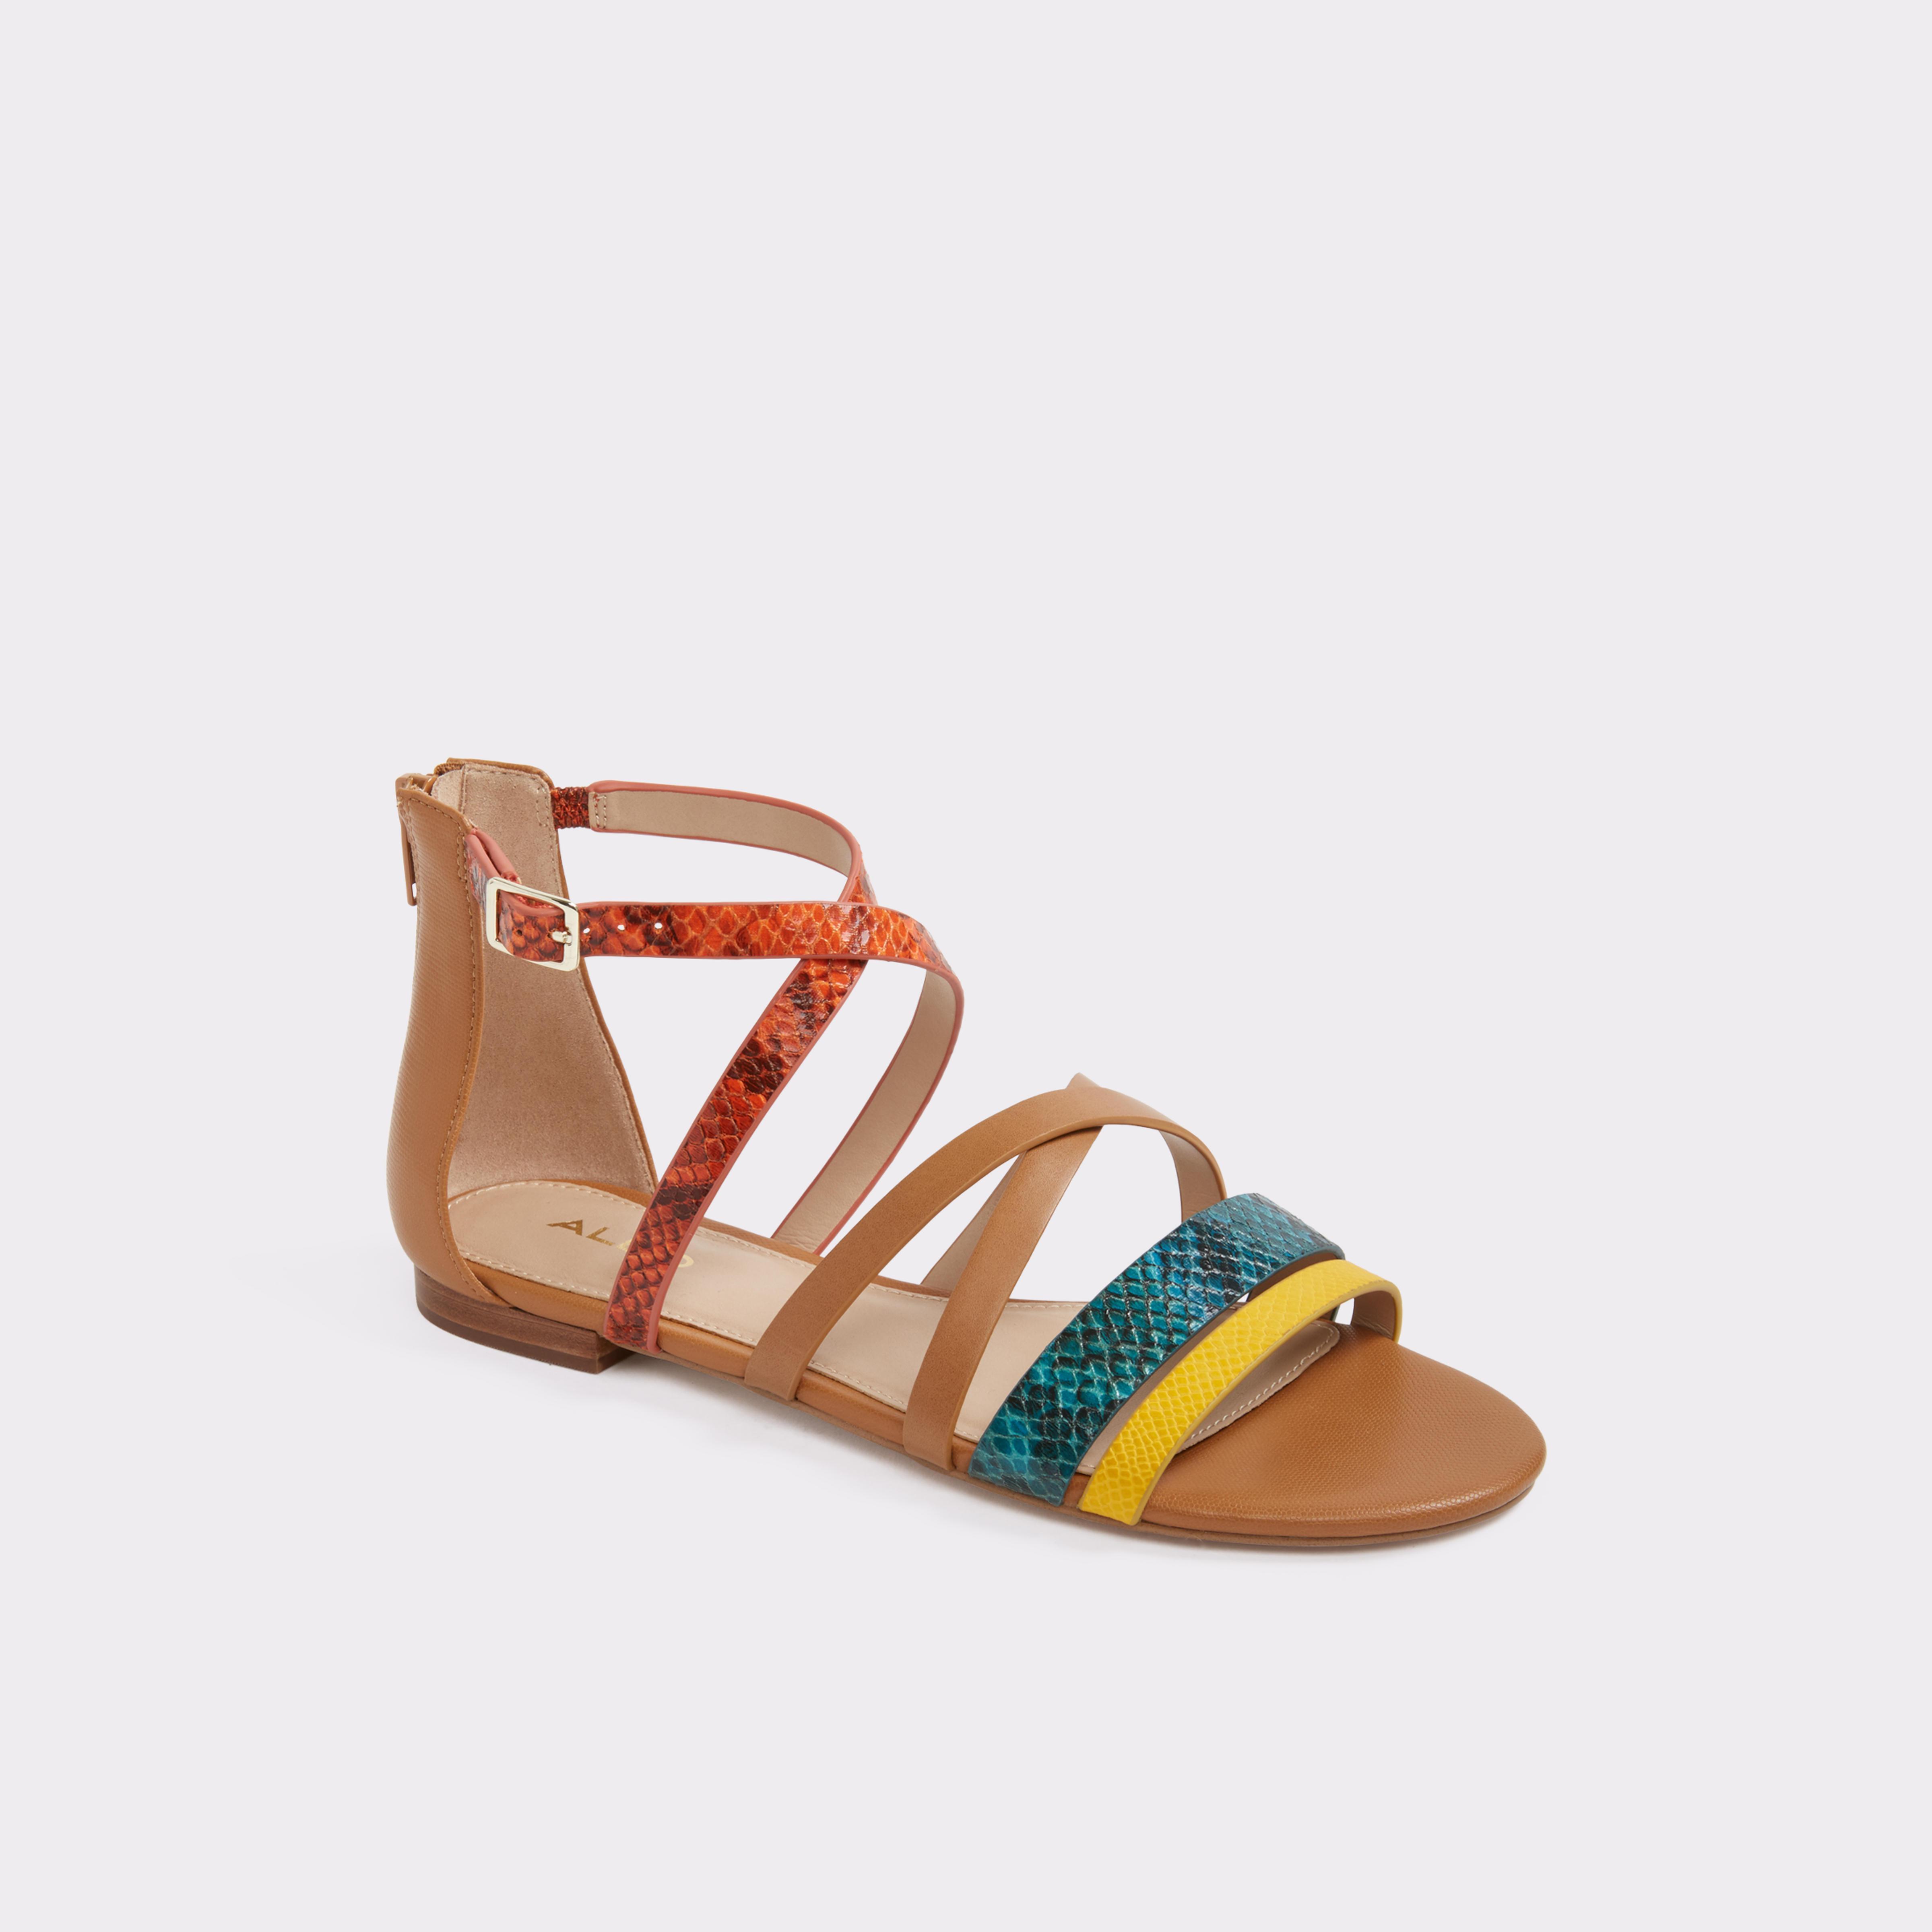 ALDO Rirarien Strappy Sandal (Women's)